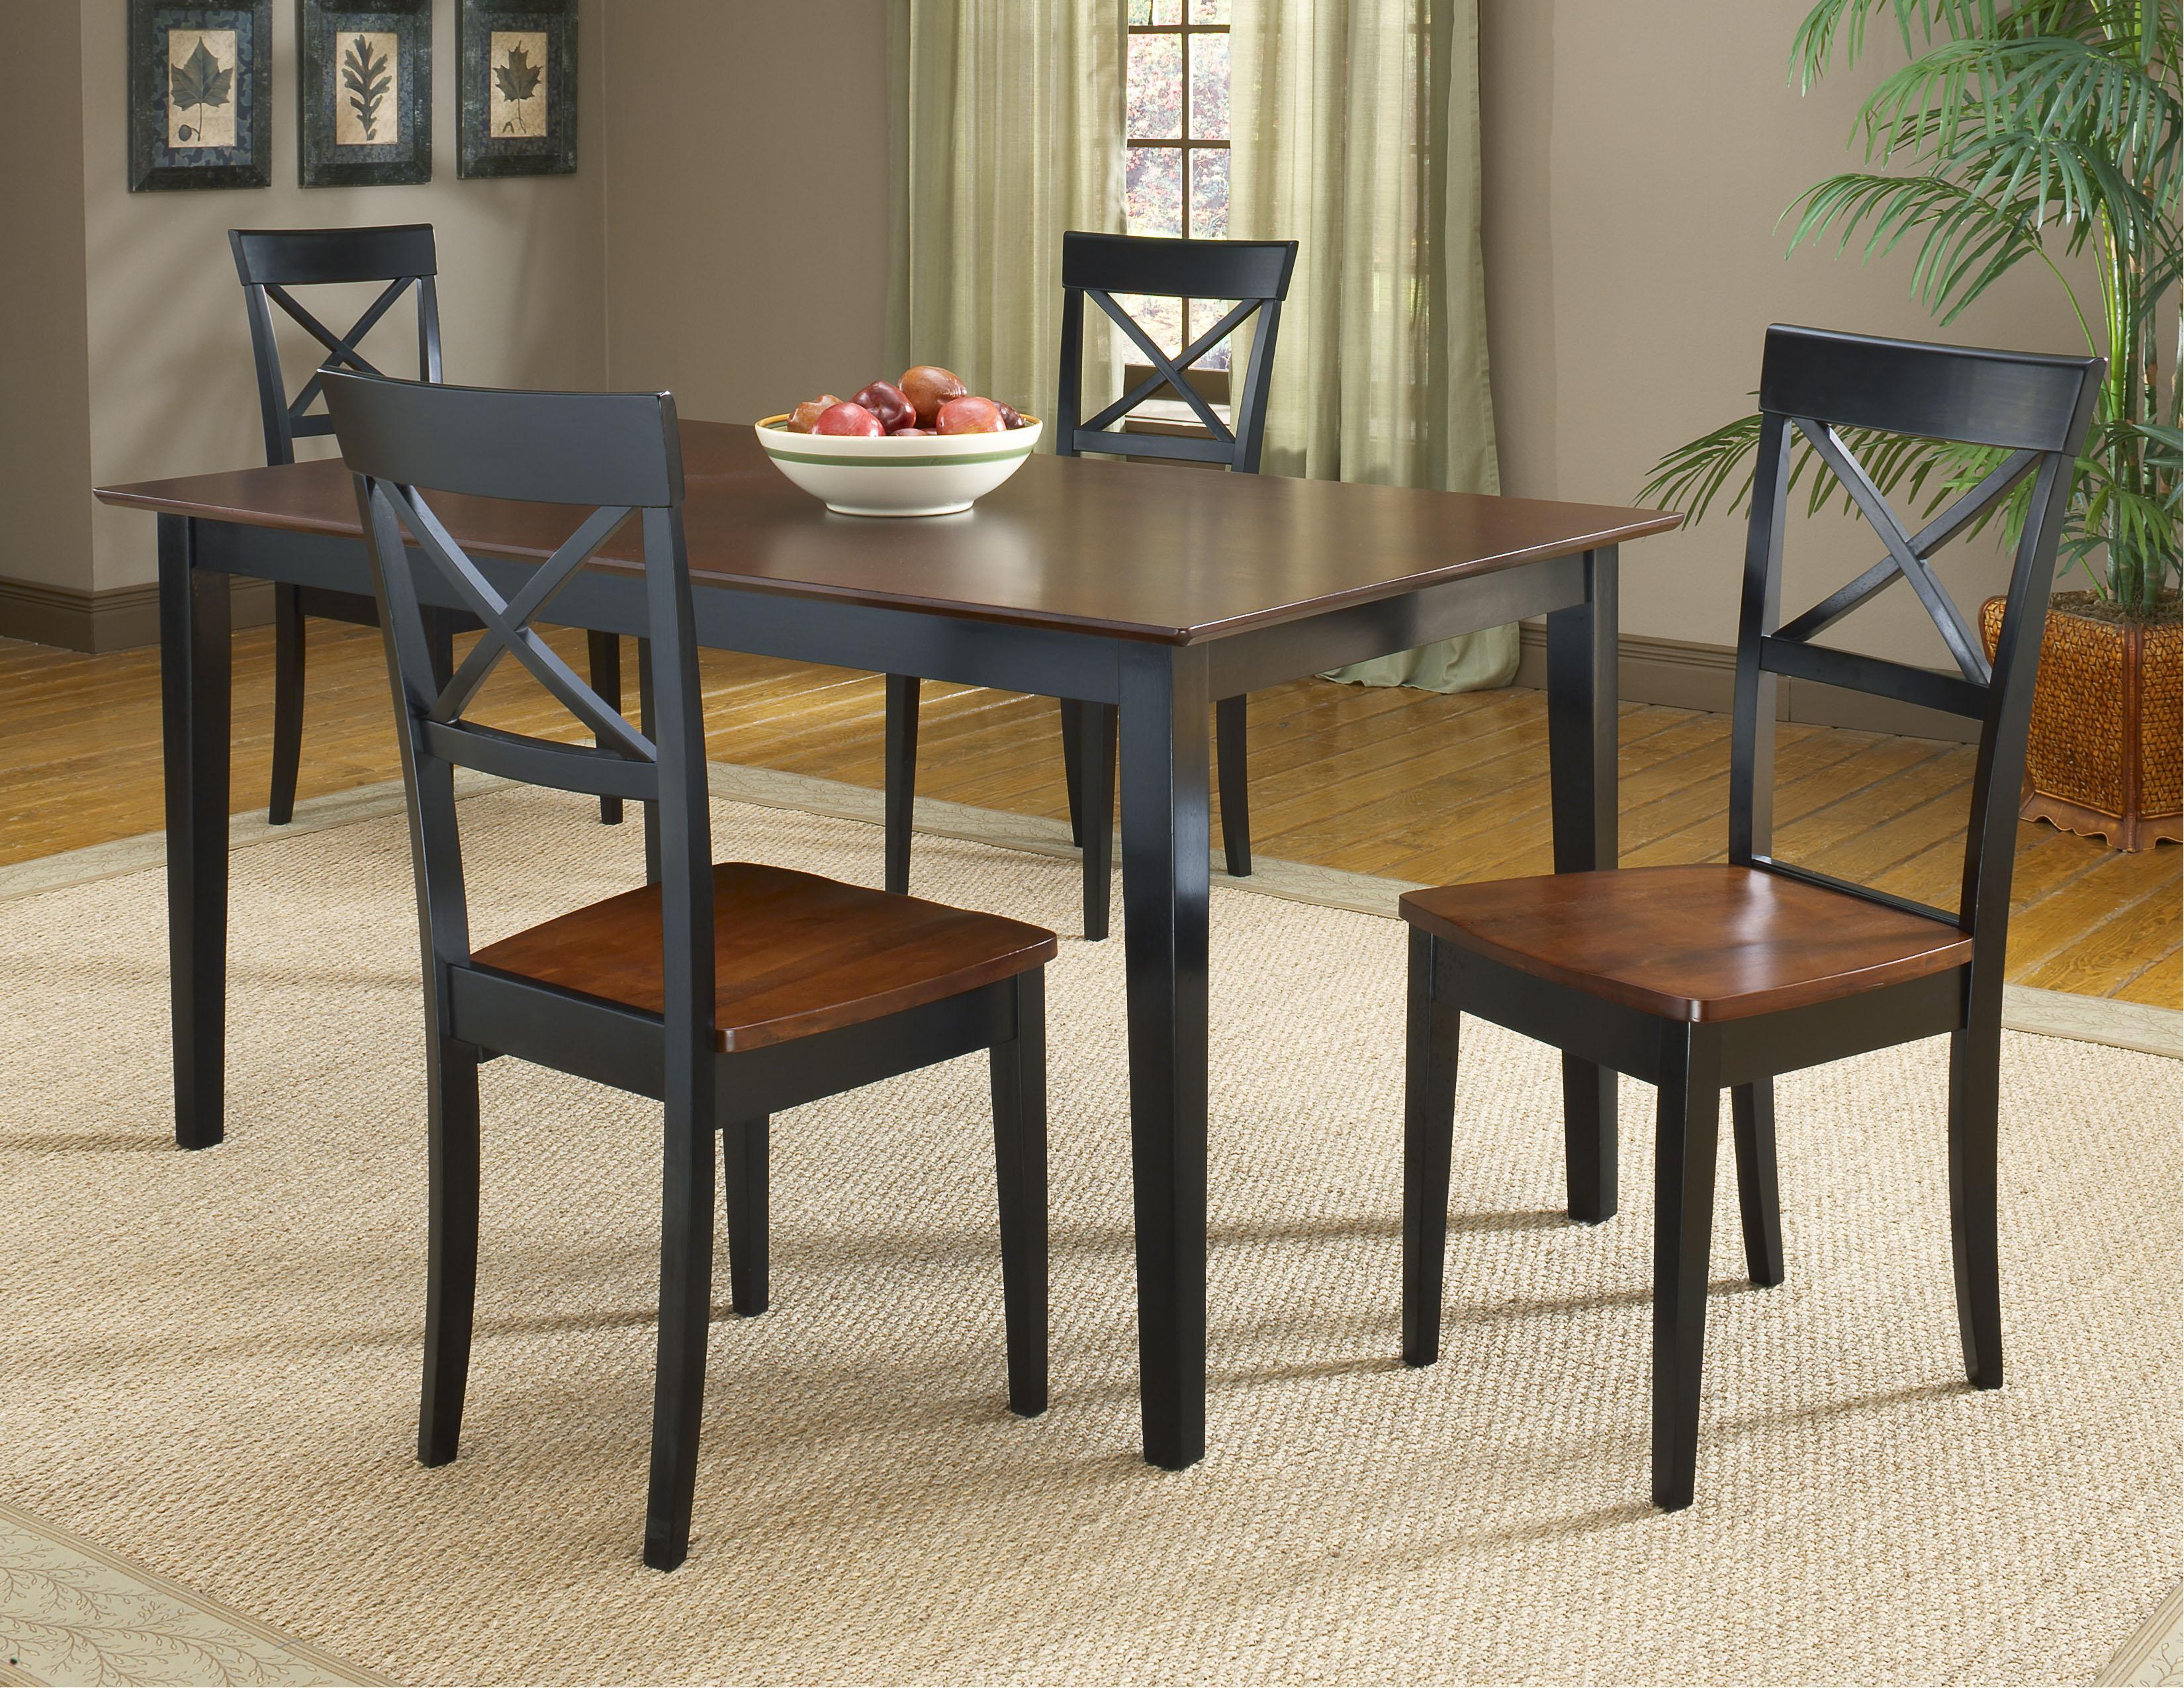 Bernards Jaguar 5-Piece Black/Merlot Dinette Table Set - Item Number: 5110+4x11